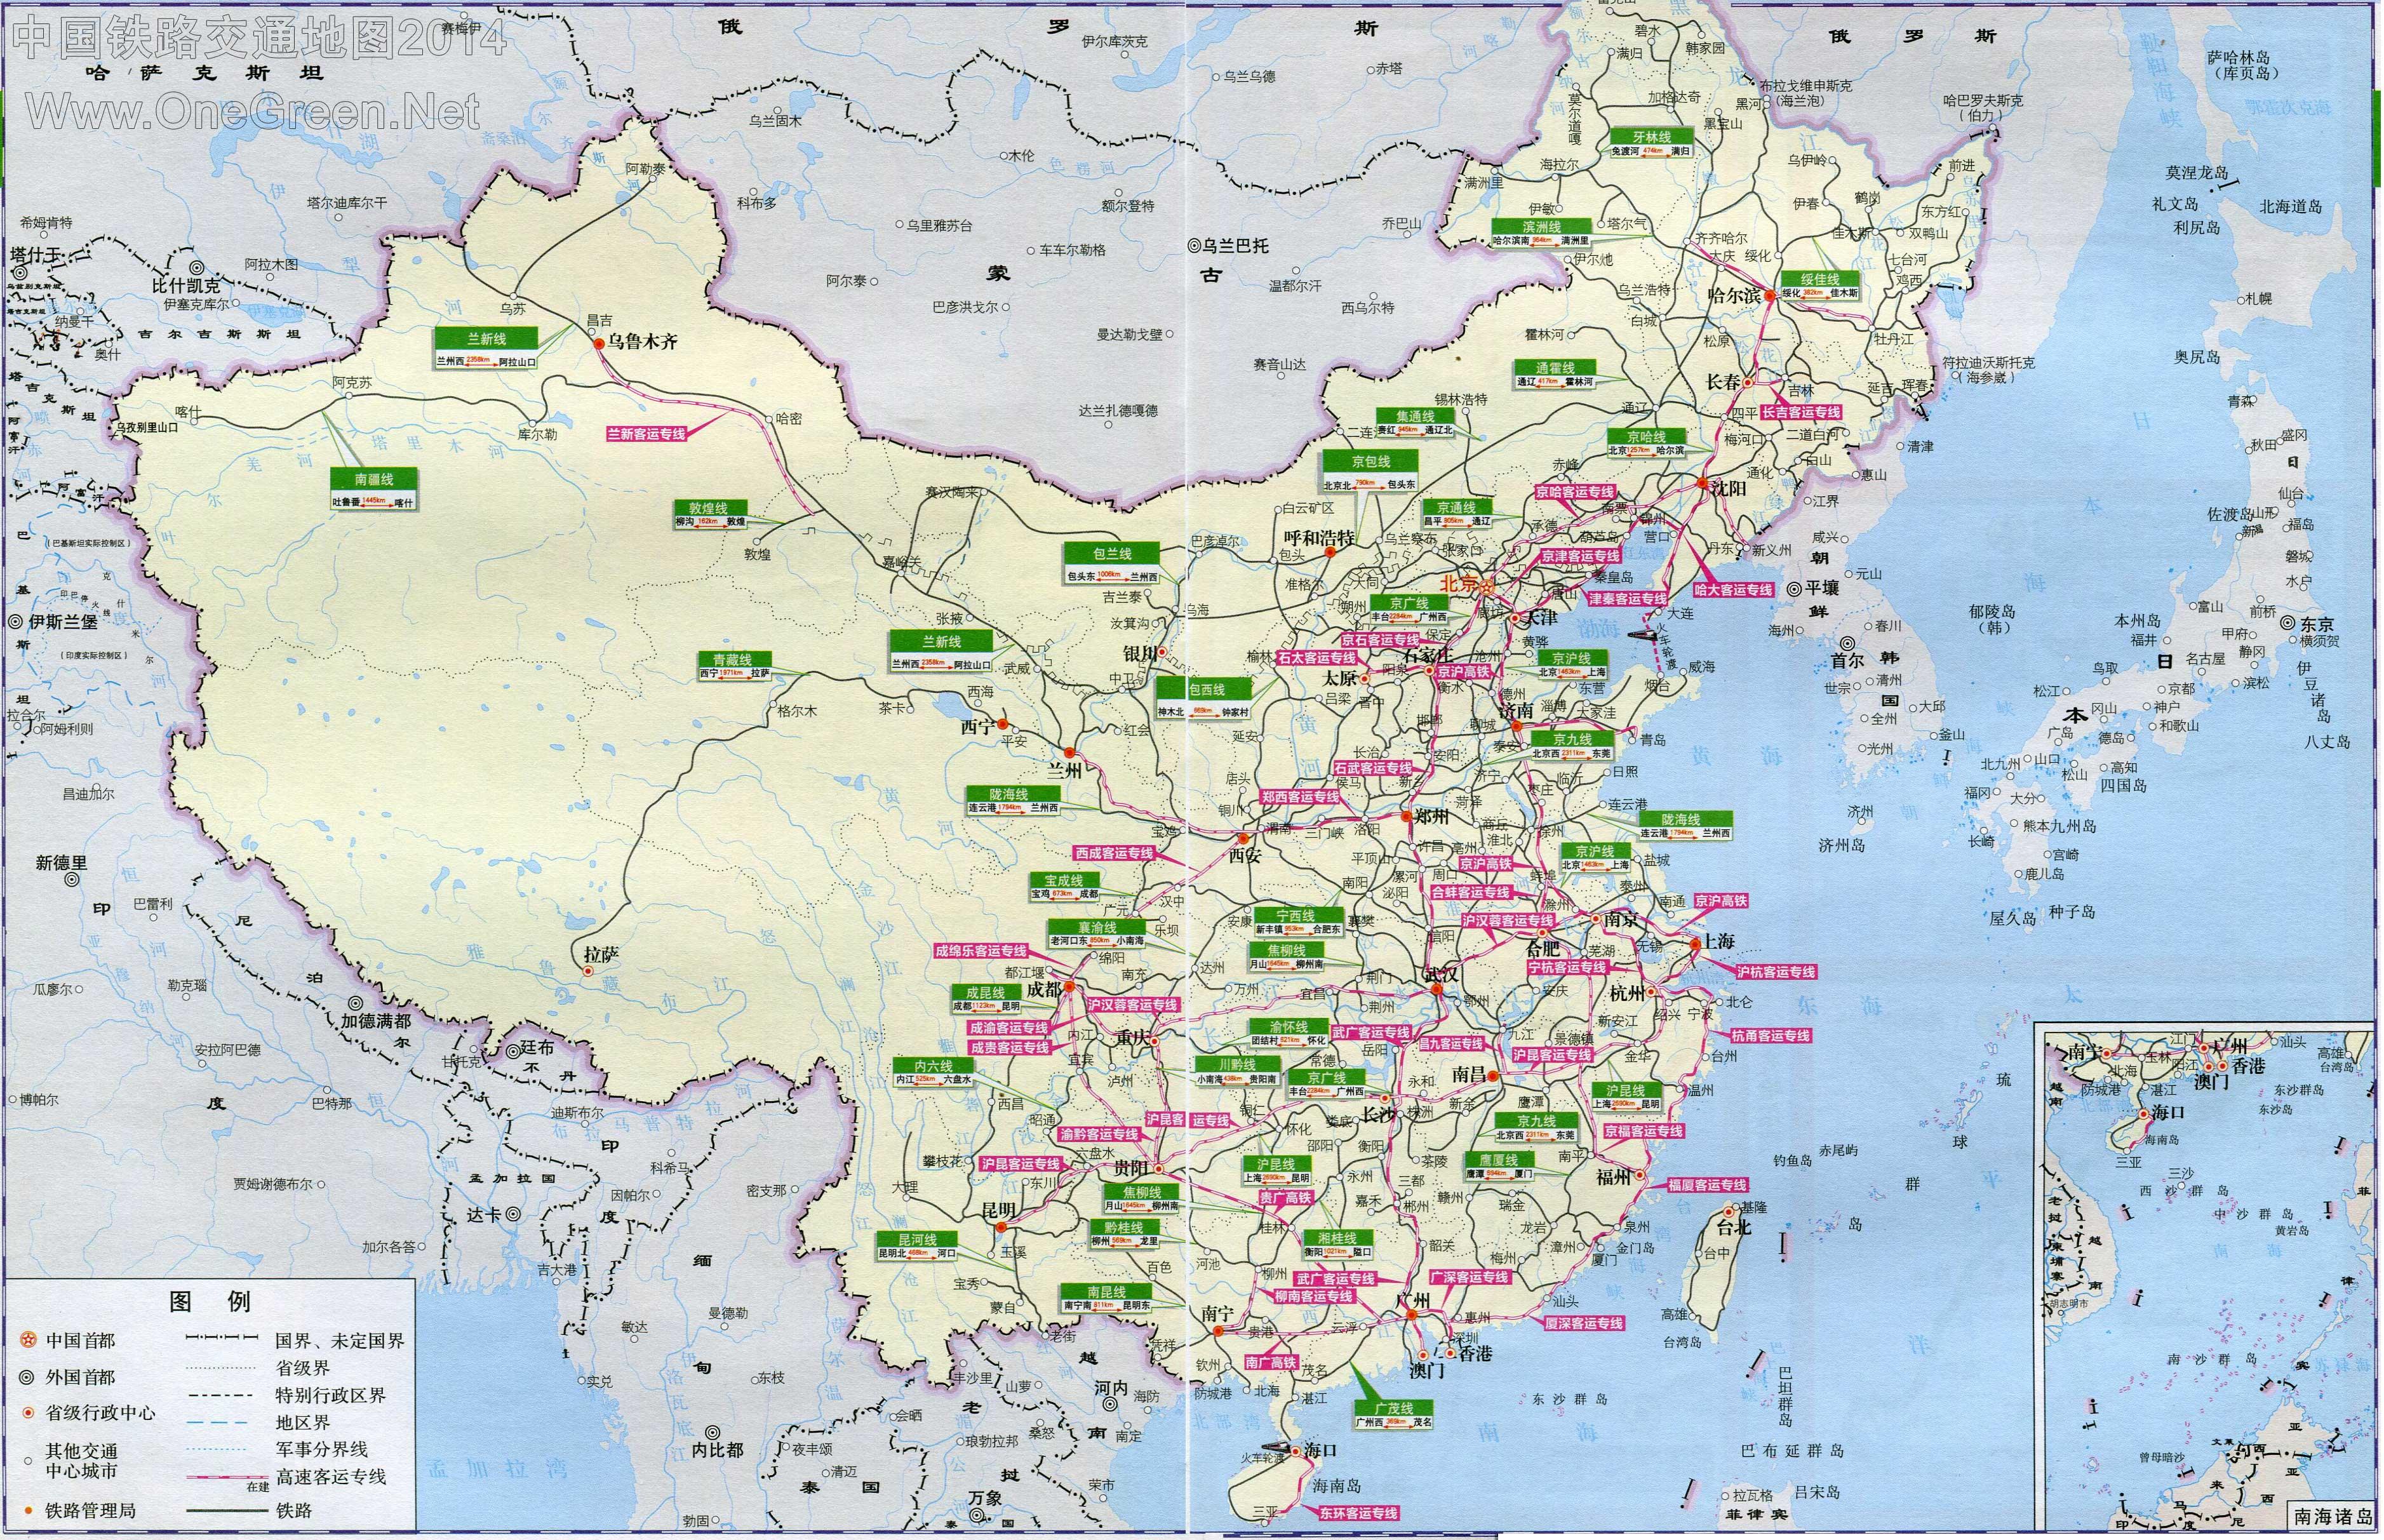 中国铁路 电子地图 中国铁路地图全图 中国铁路详细地图